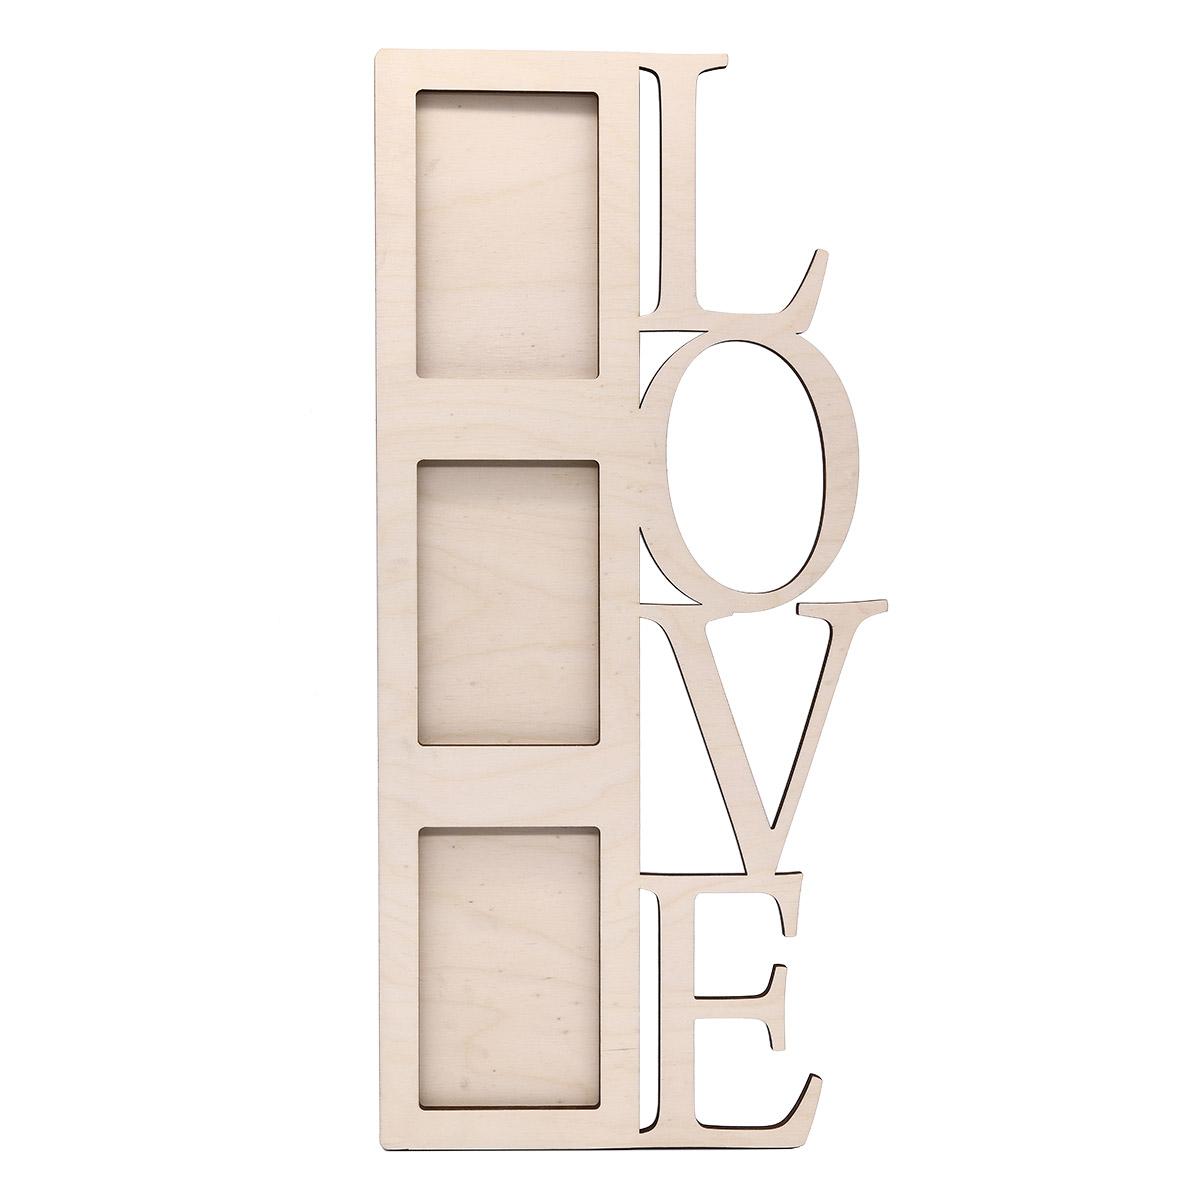 L-444 Деревянная заготовка 'Love', 54*25,5 см, 'Астра'